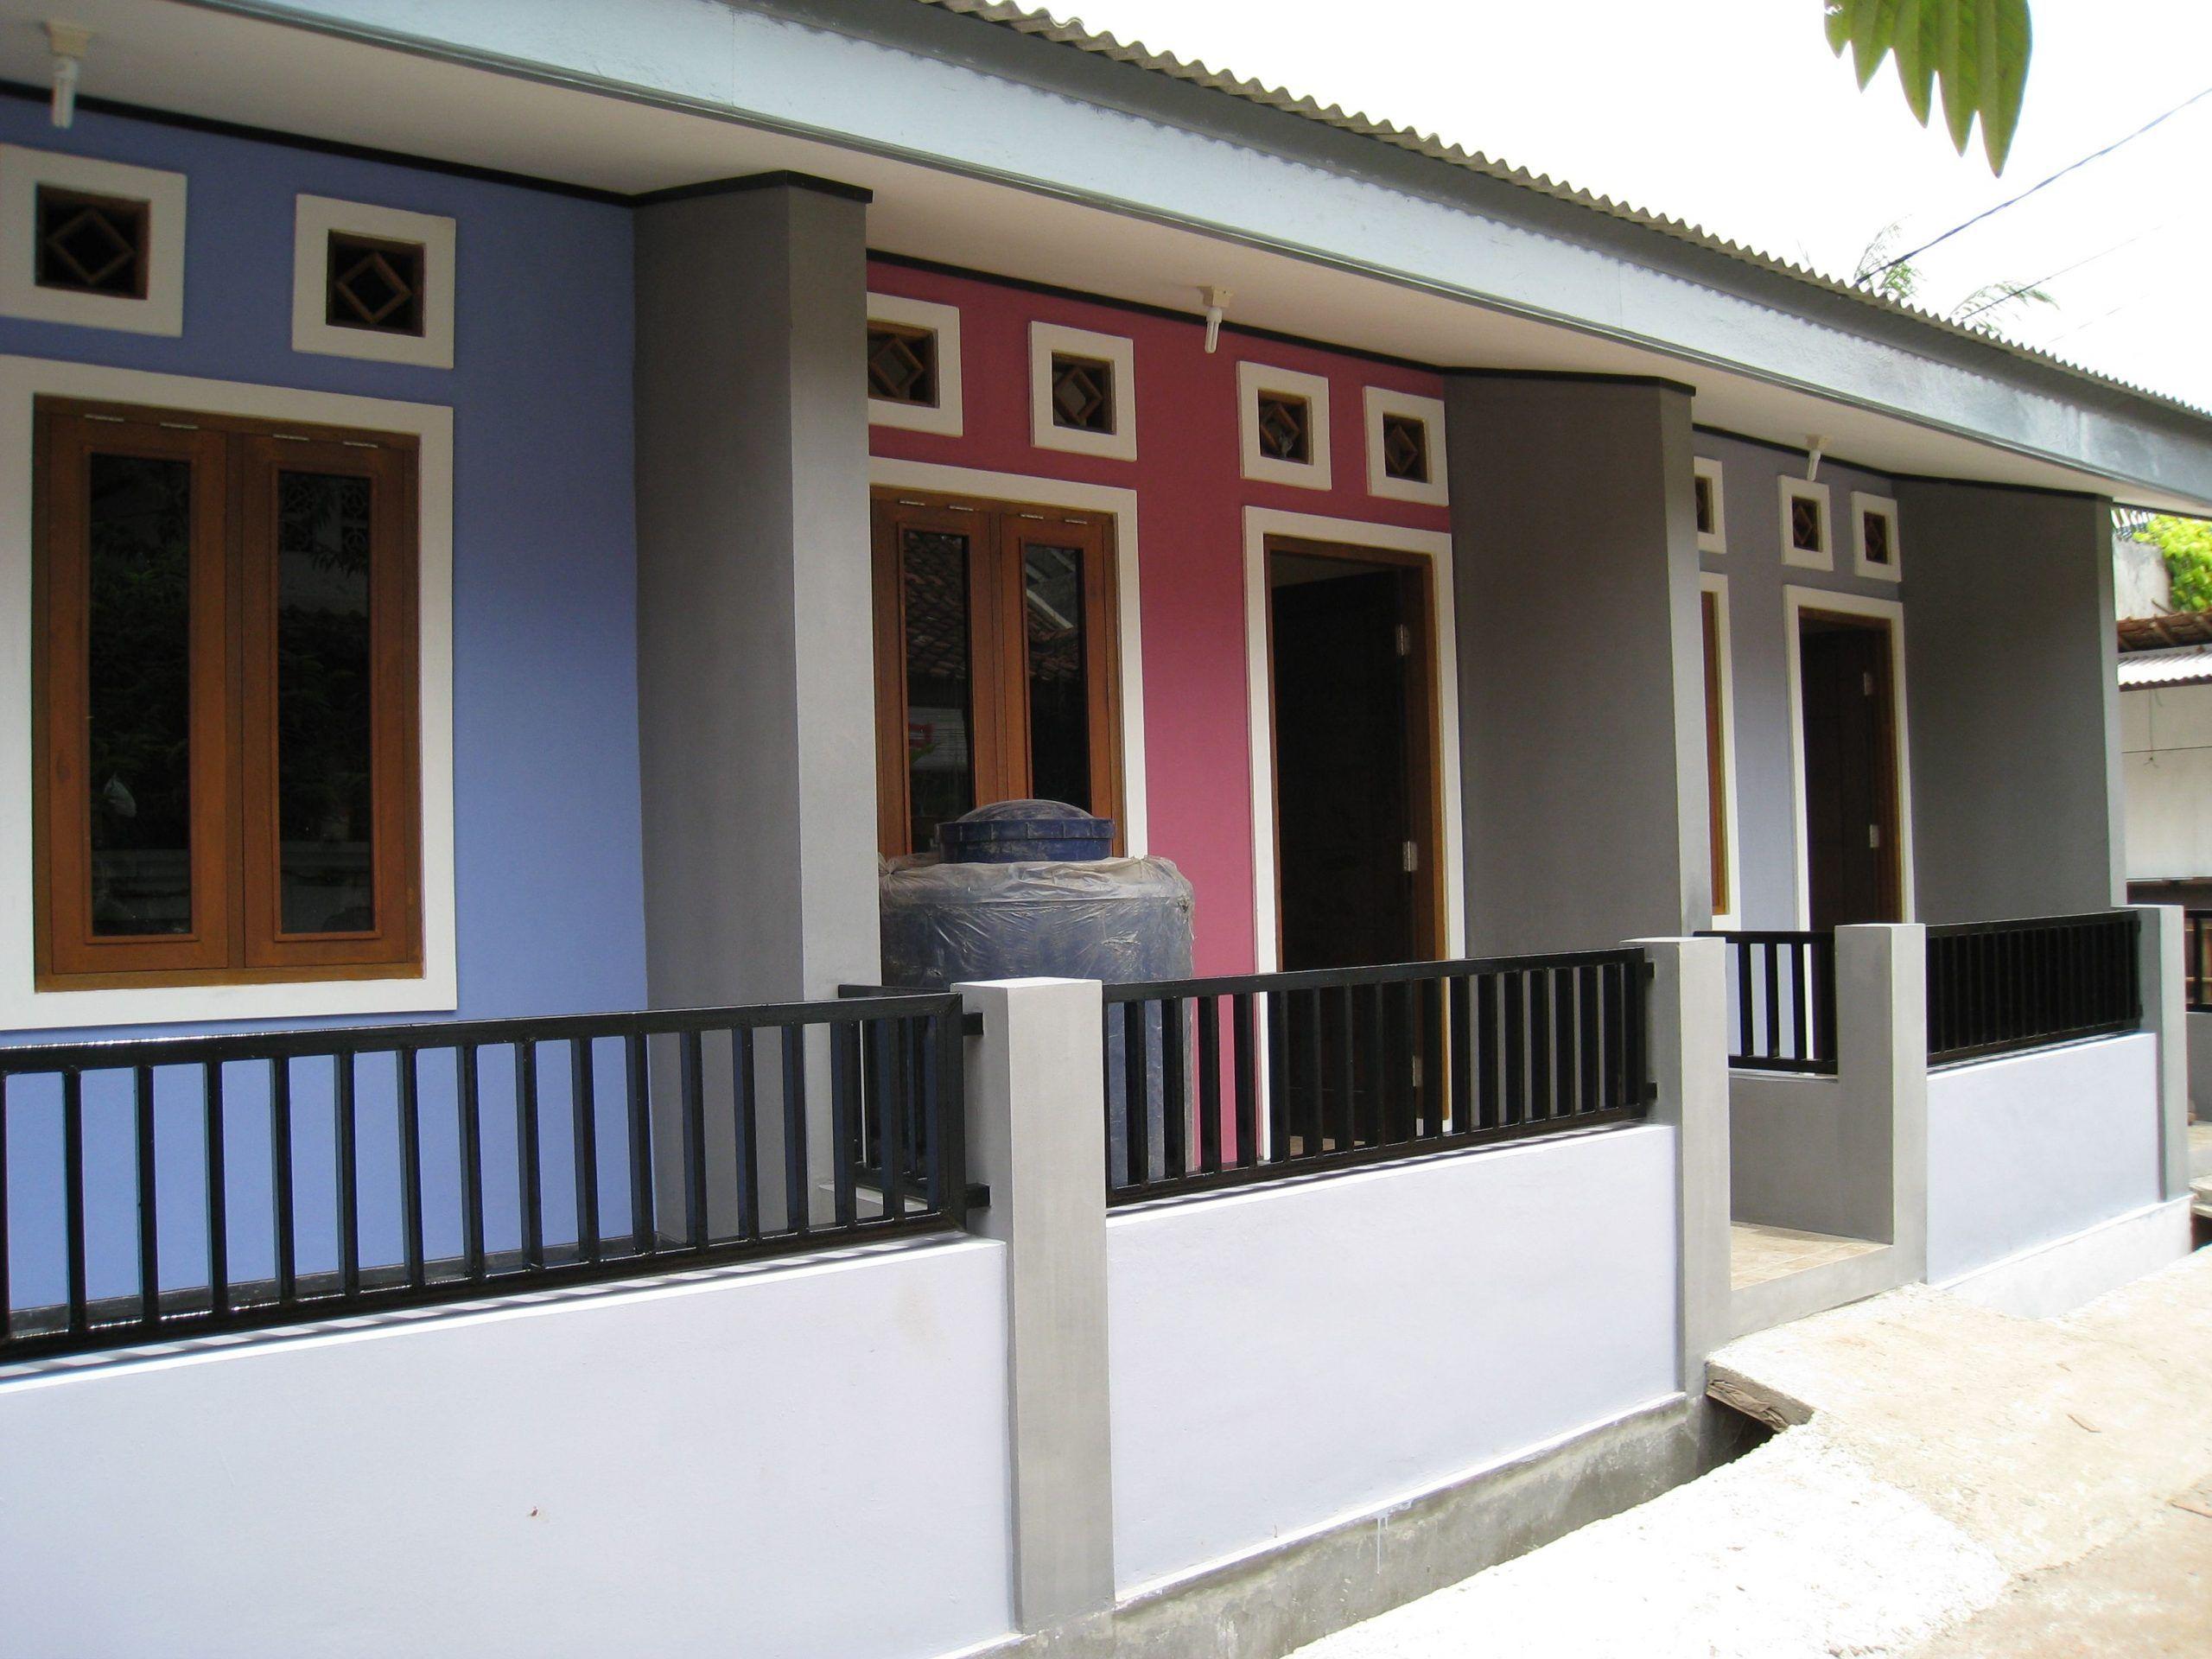 Desain Rumah Kontrakan Modern Desain Rumah Eksterior Rumah Desain Rumah